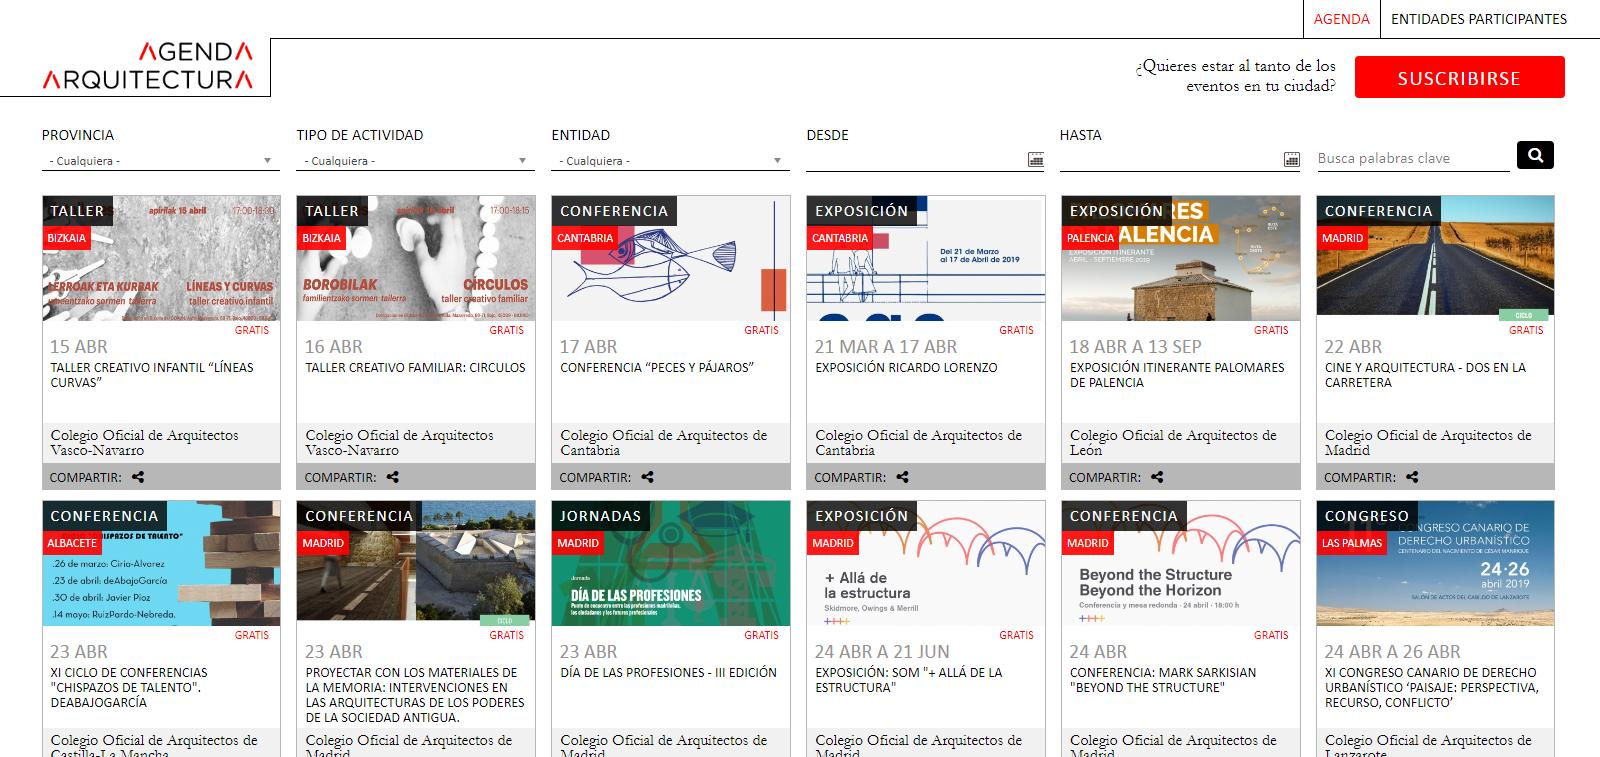 Agenda Arquitectura www.agendaarquitectura.es